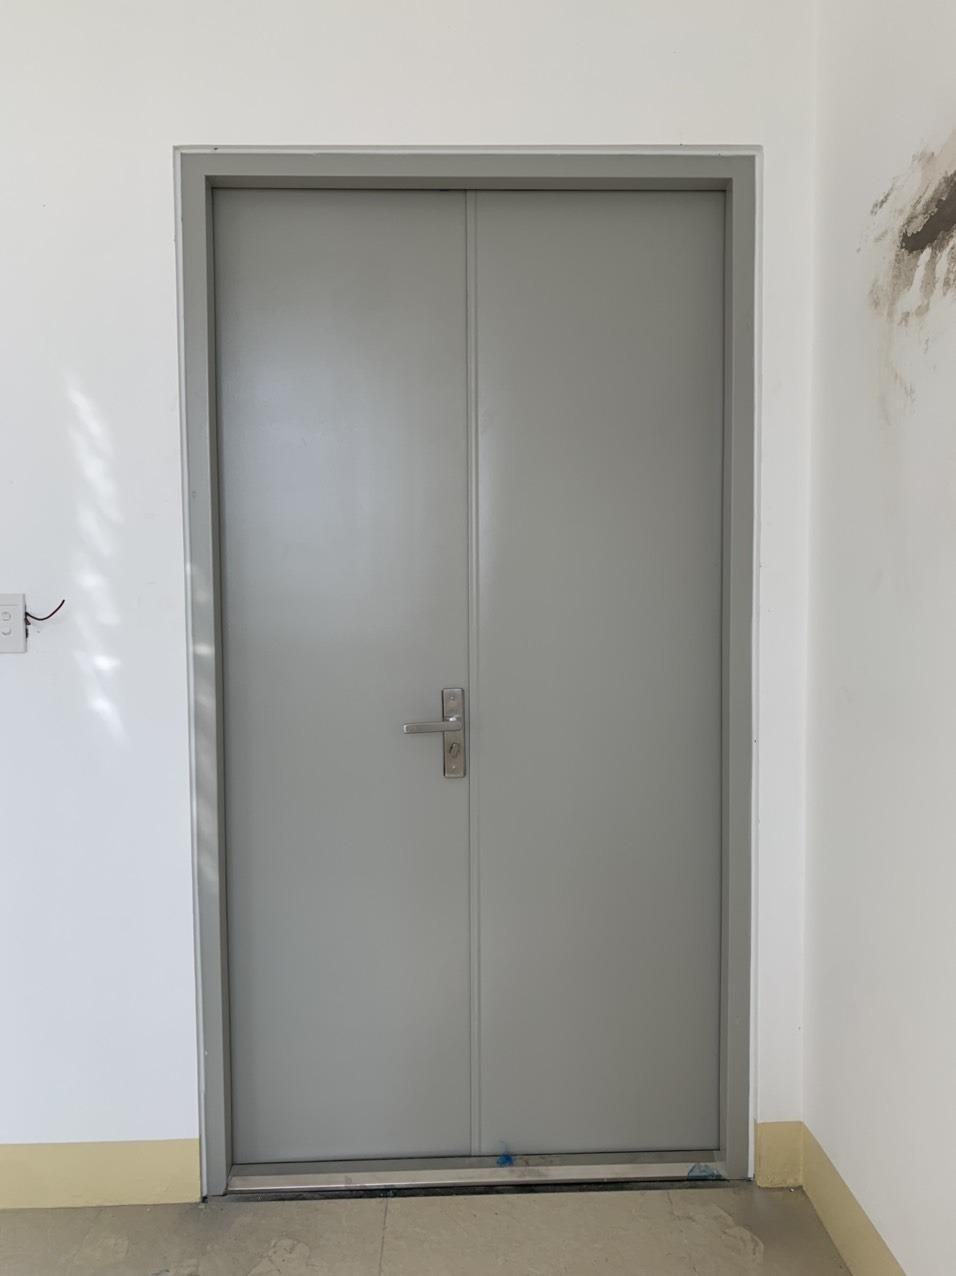 Nên chọn cửa chống cháy loại nào cho nhà ở?